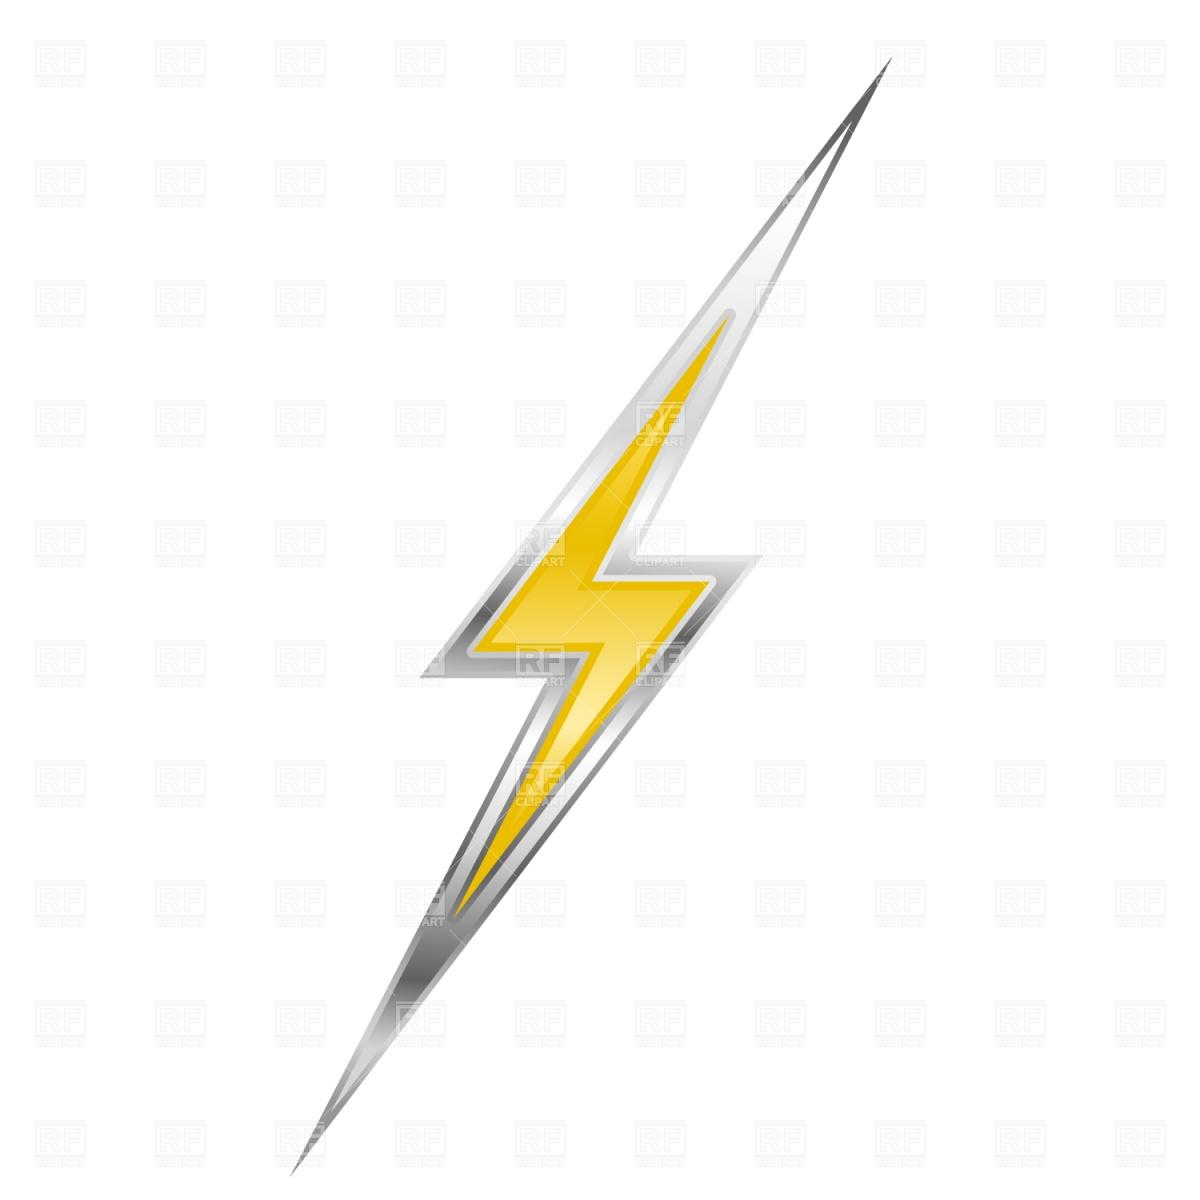 1200x1200 Lightning Bolt Royalty Free Vector Clip Art Image